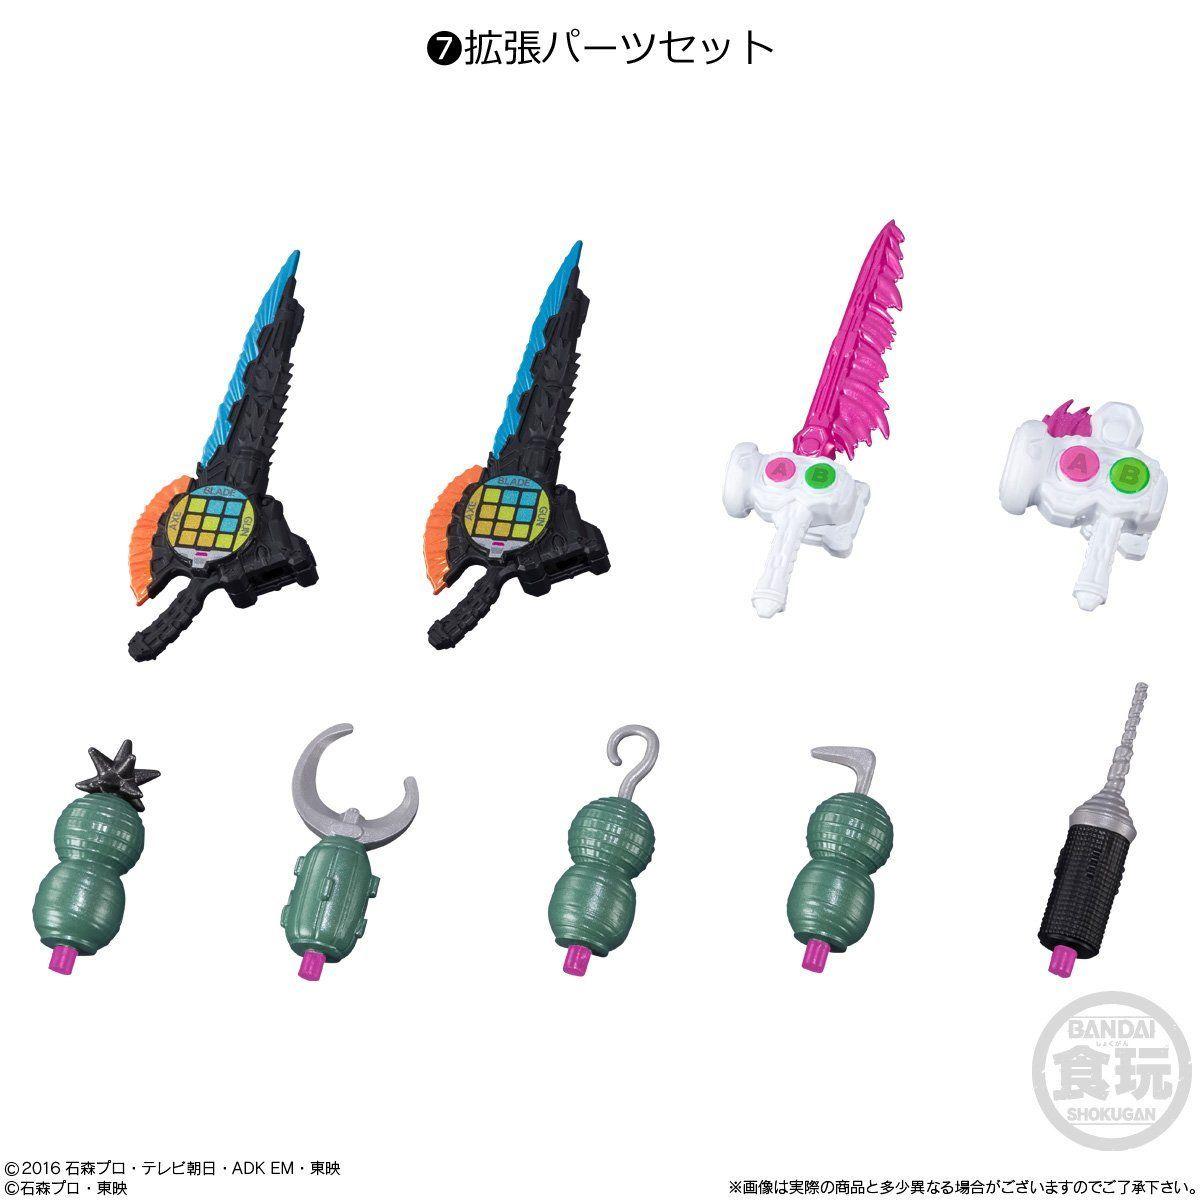 【食玩】SHODO-X『仮面ライダー11』可動フィギュア 10個入りBOX-007